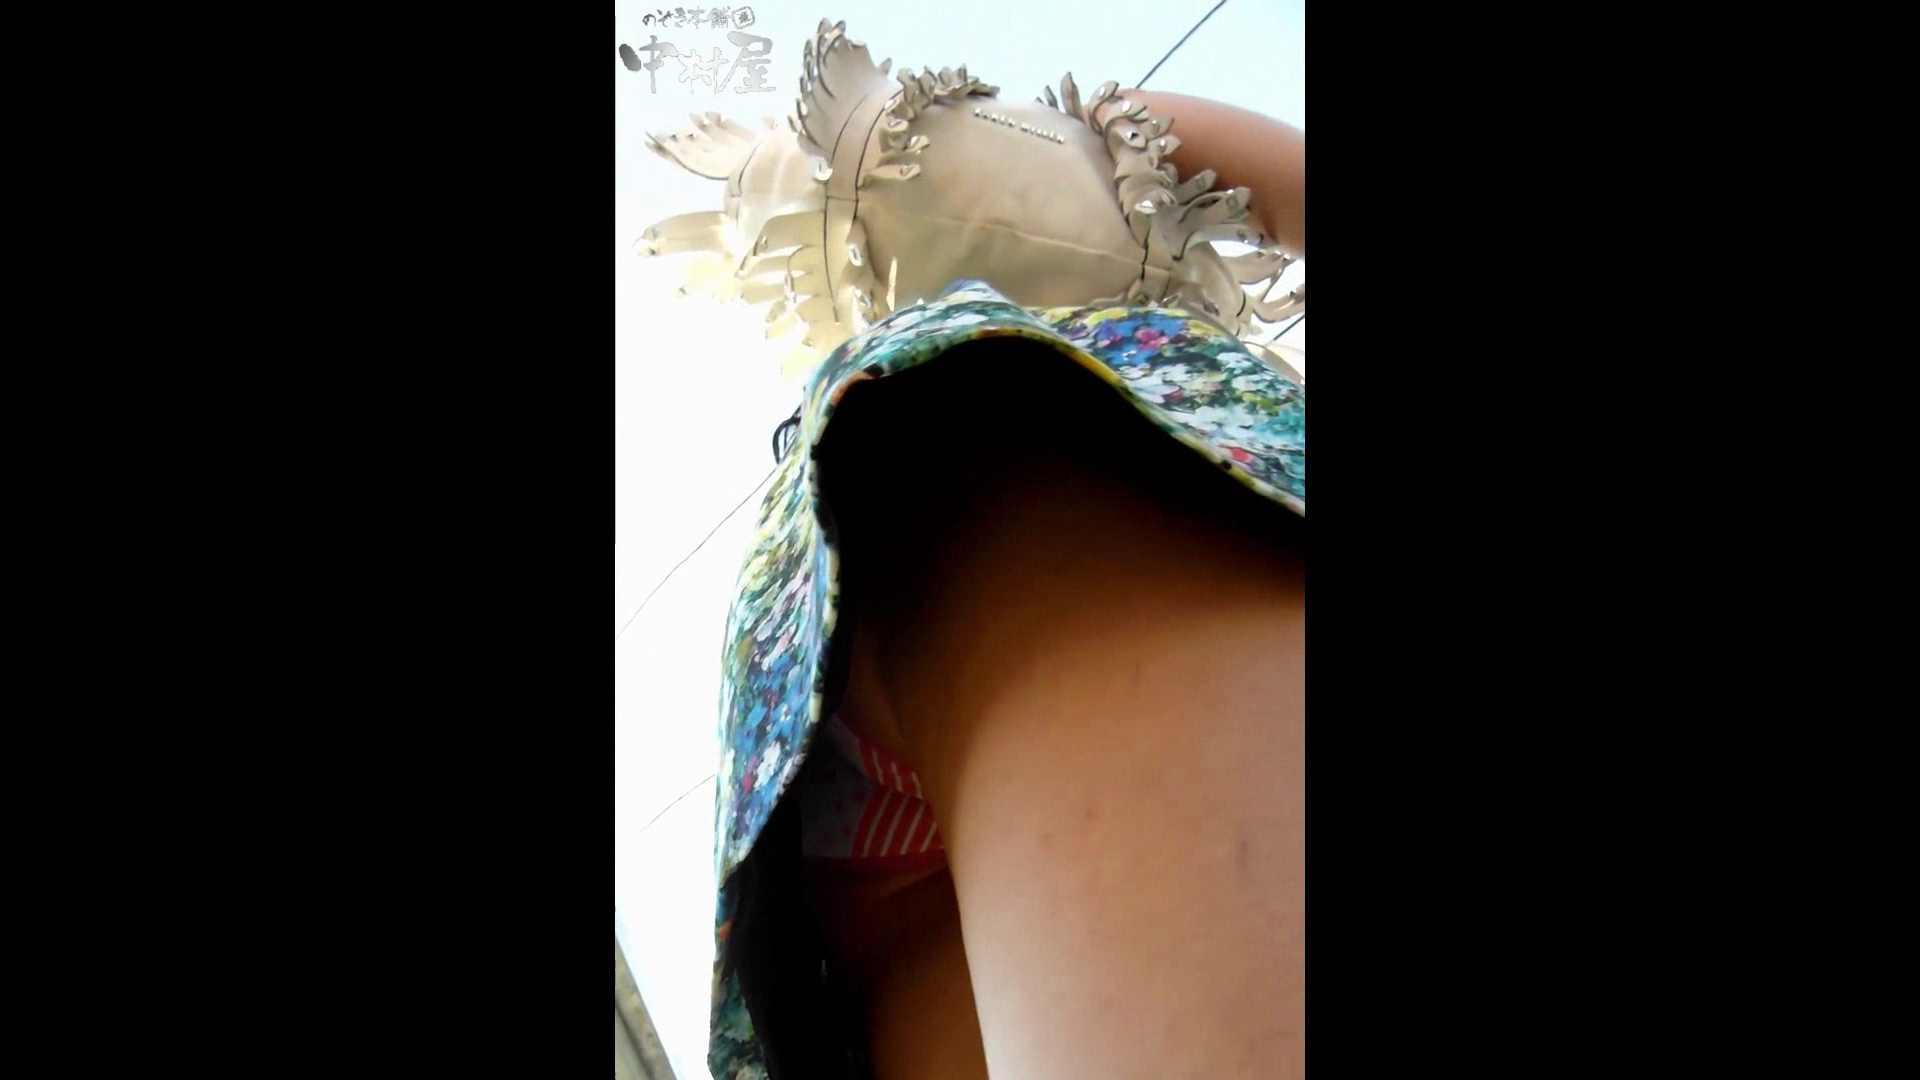 綺麗なモデルさんのスカート捲っちゃおう‼ vol16 OLのプライベート | モデルのカラダ  11pic 1